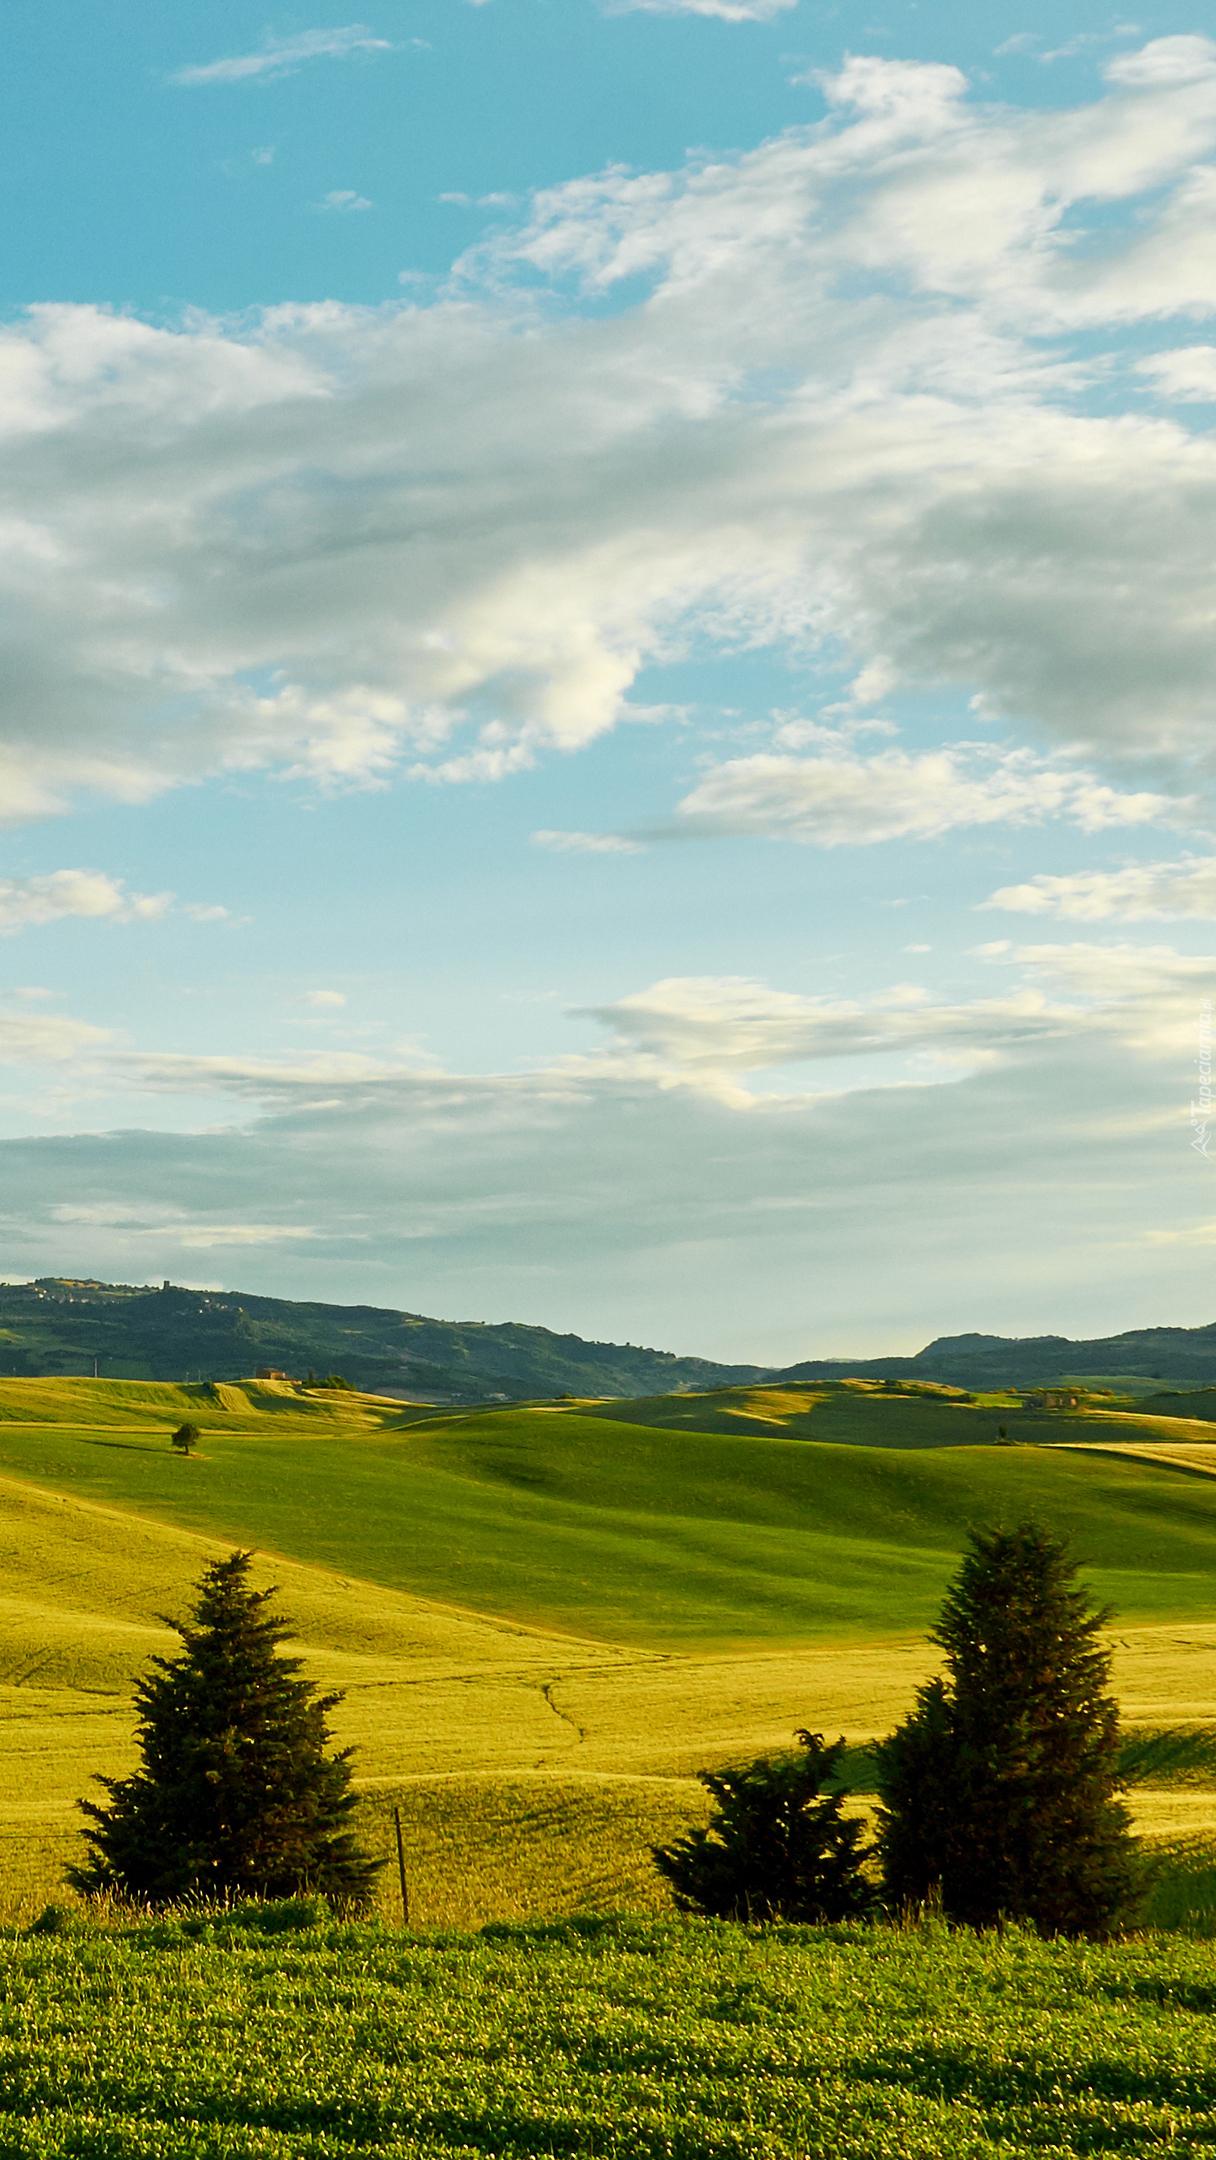 Toskańskie wzgórza i łąki